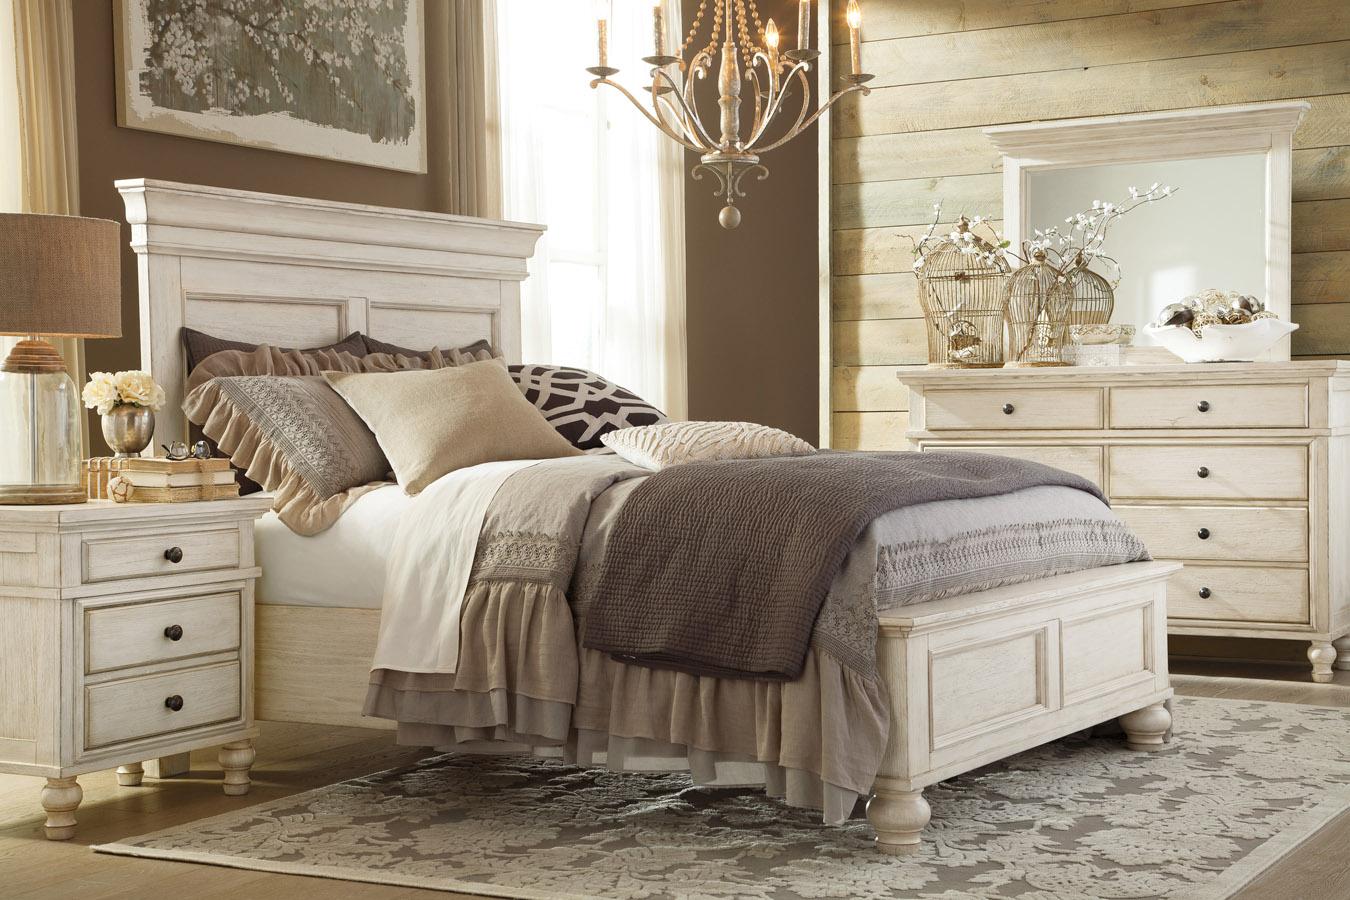 Благодаря сдержанной цветовой гамме, спальня в стиле кантри кажется спокойной, лаконичной и уютной